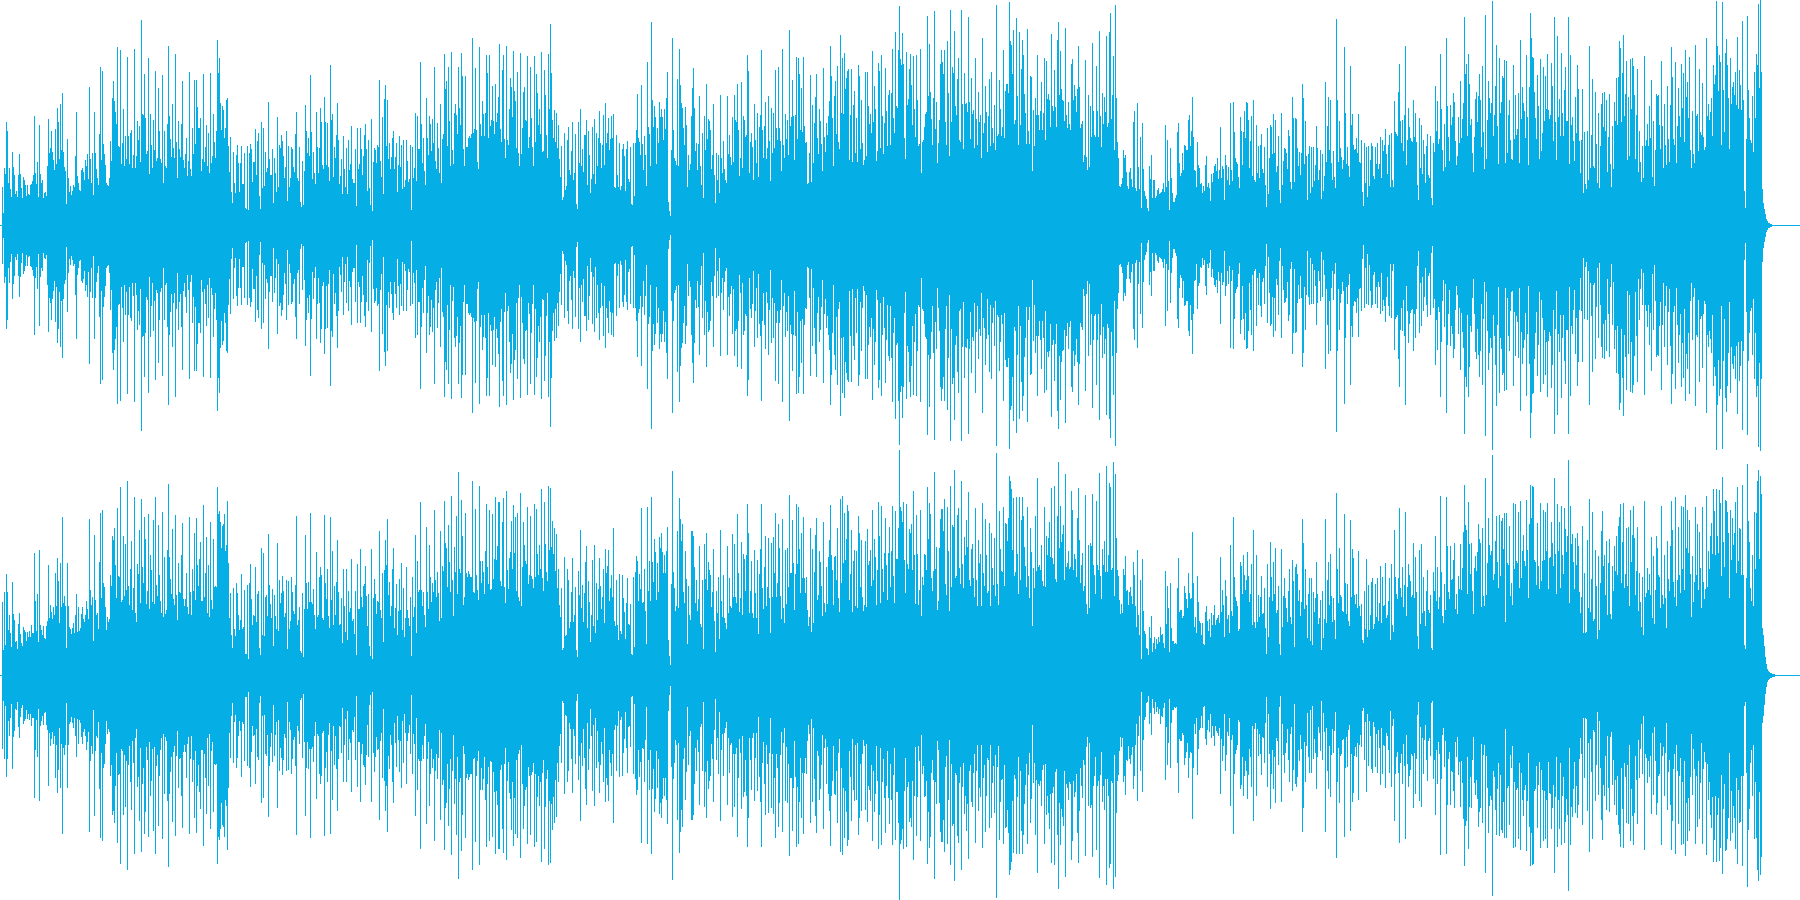 艶のある澄んだ旋律のピアノ・フュージョンの再生済みの波形